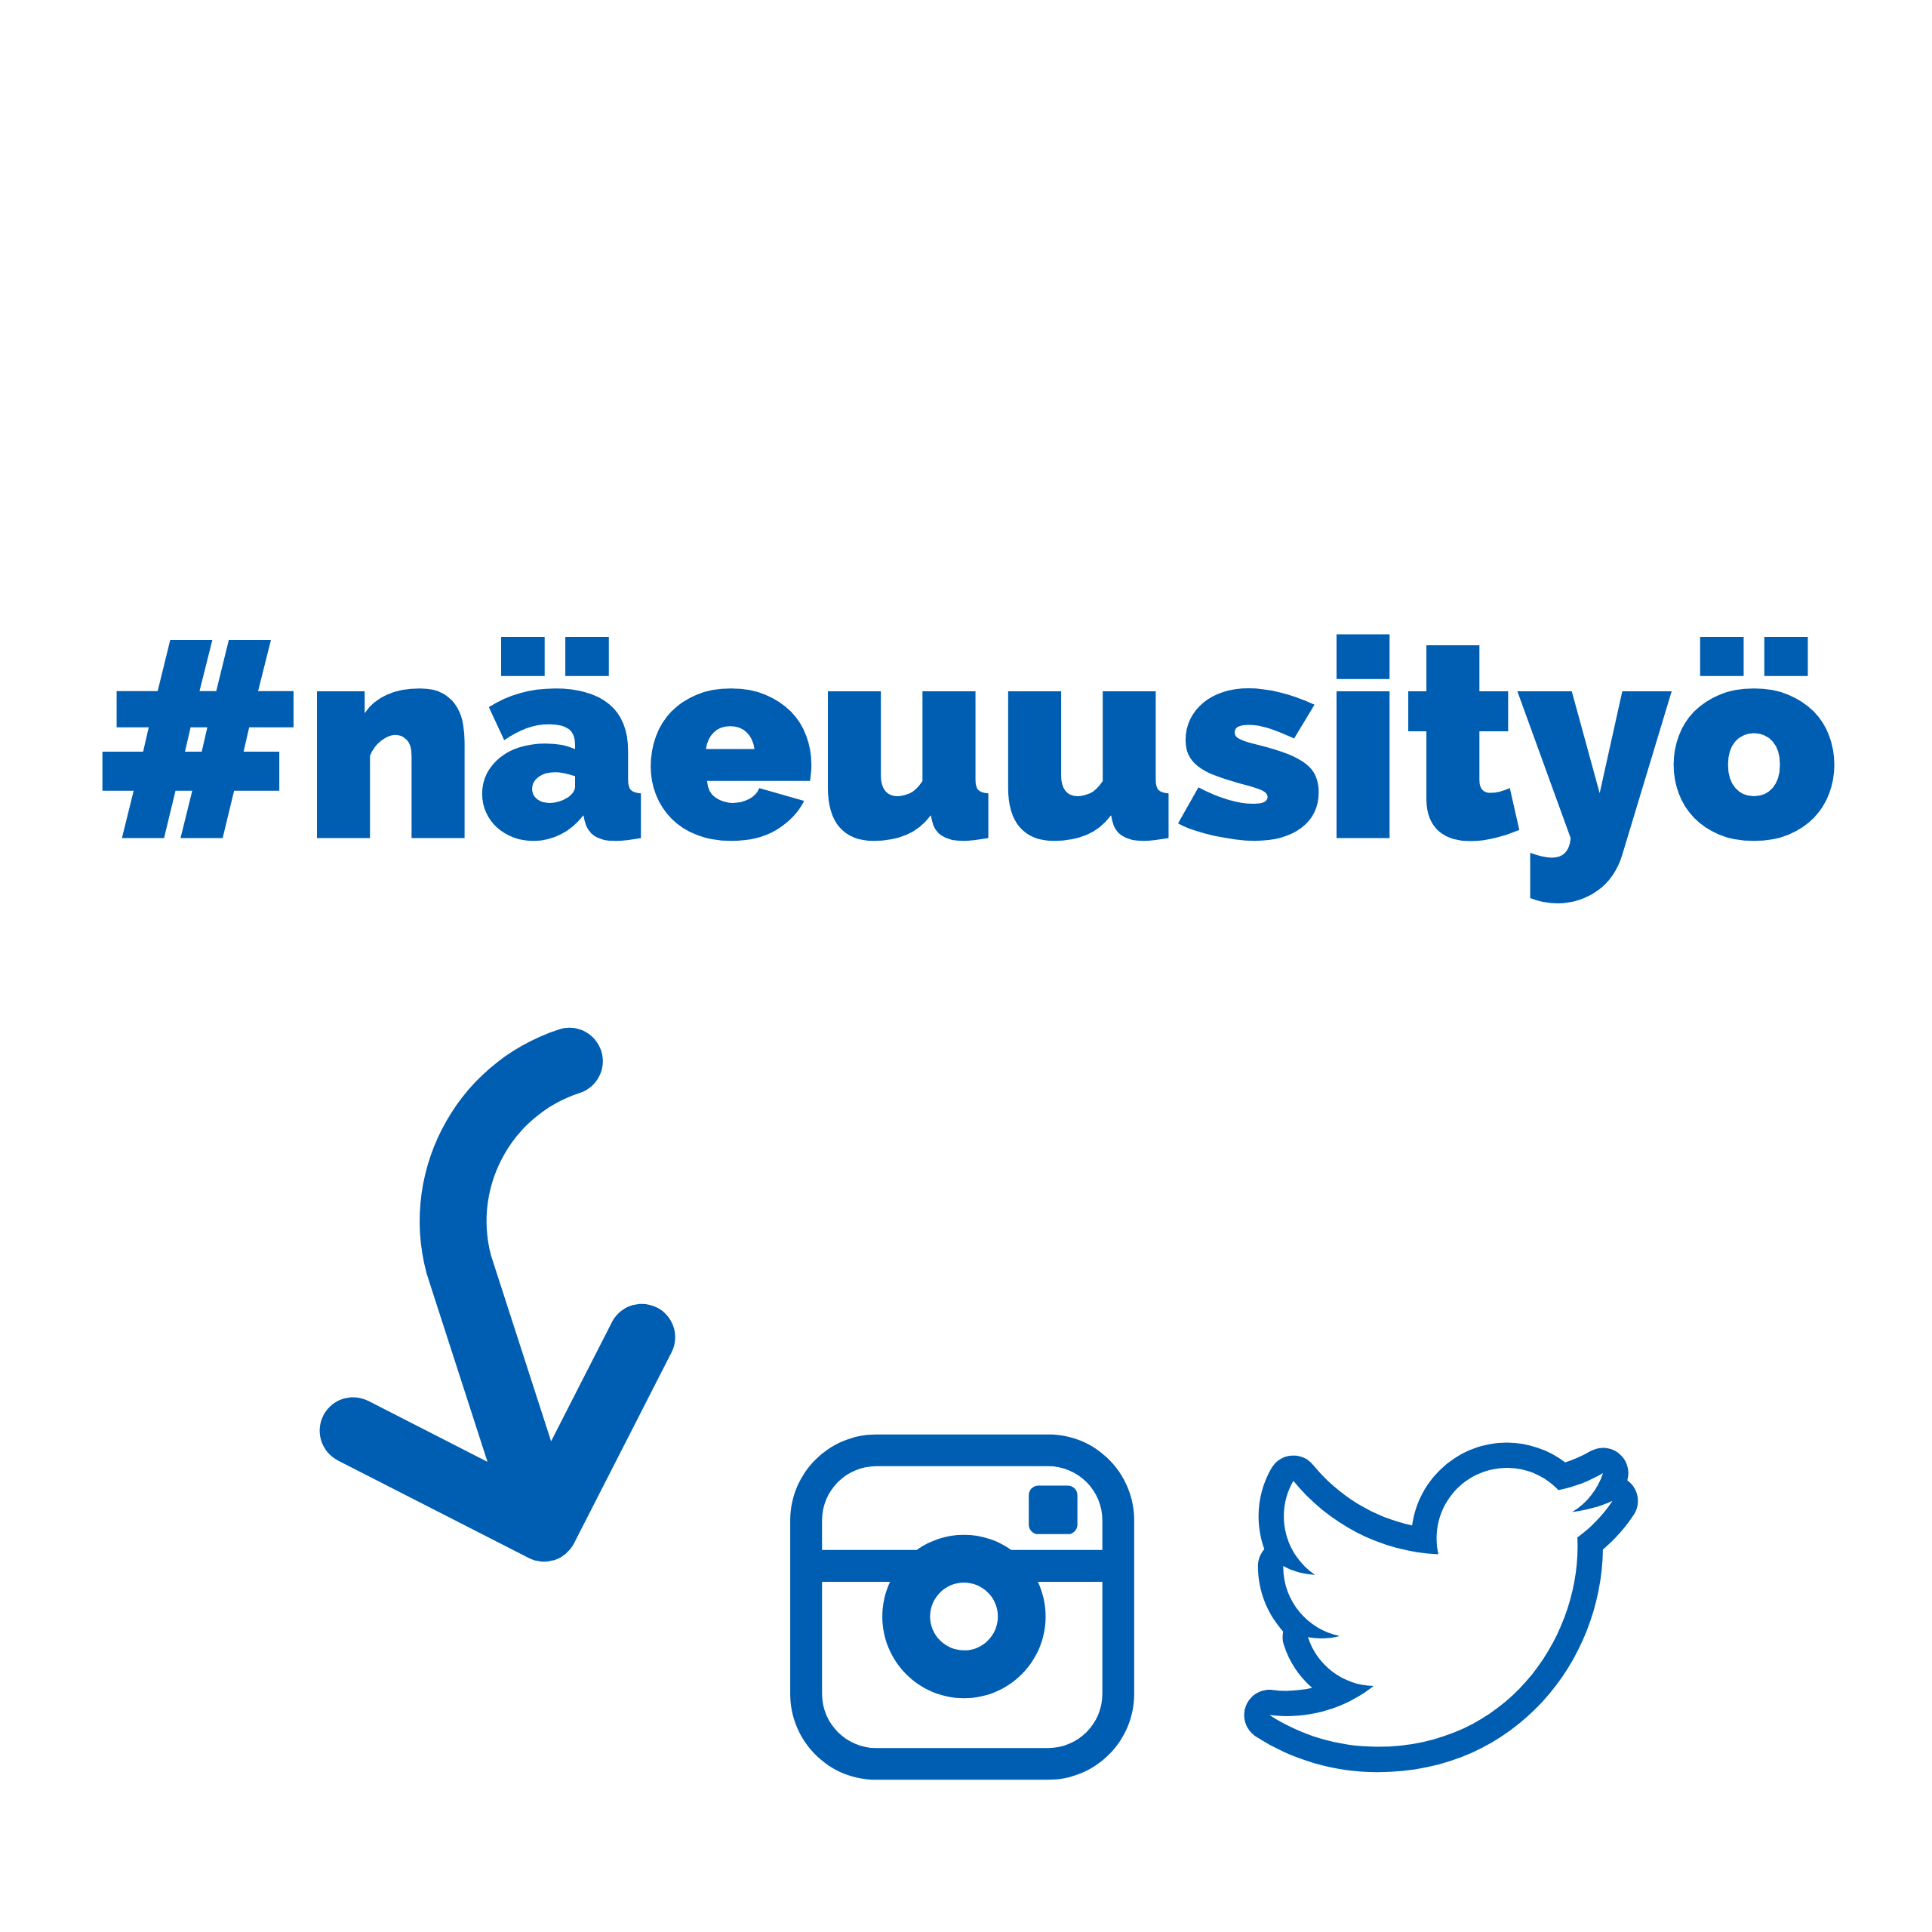 Näe uusi työ #näeuusityö UKKO.fi kampanja